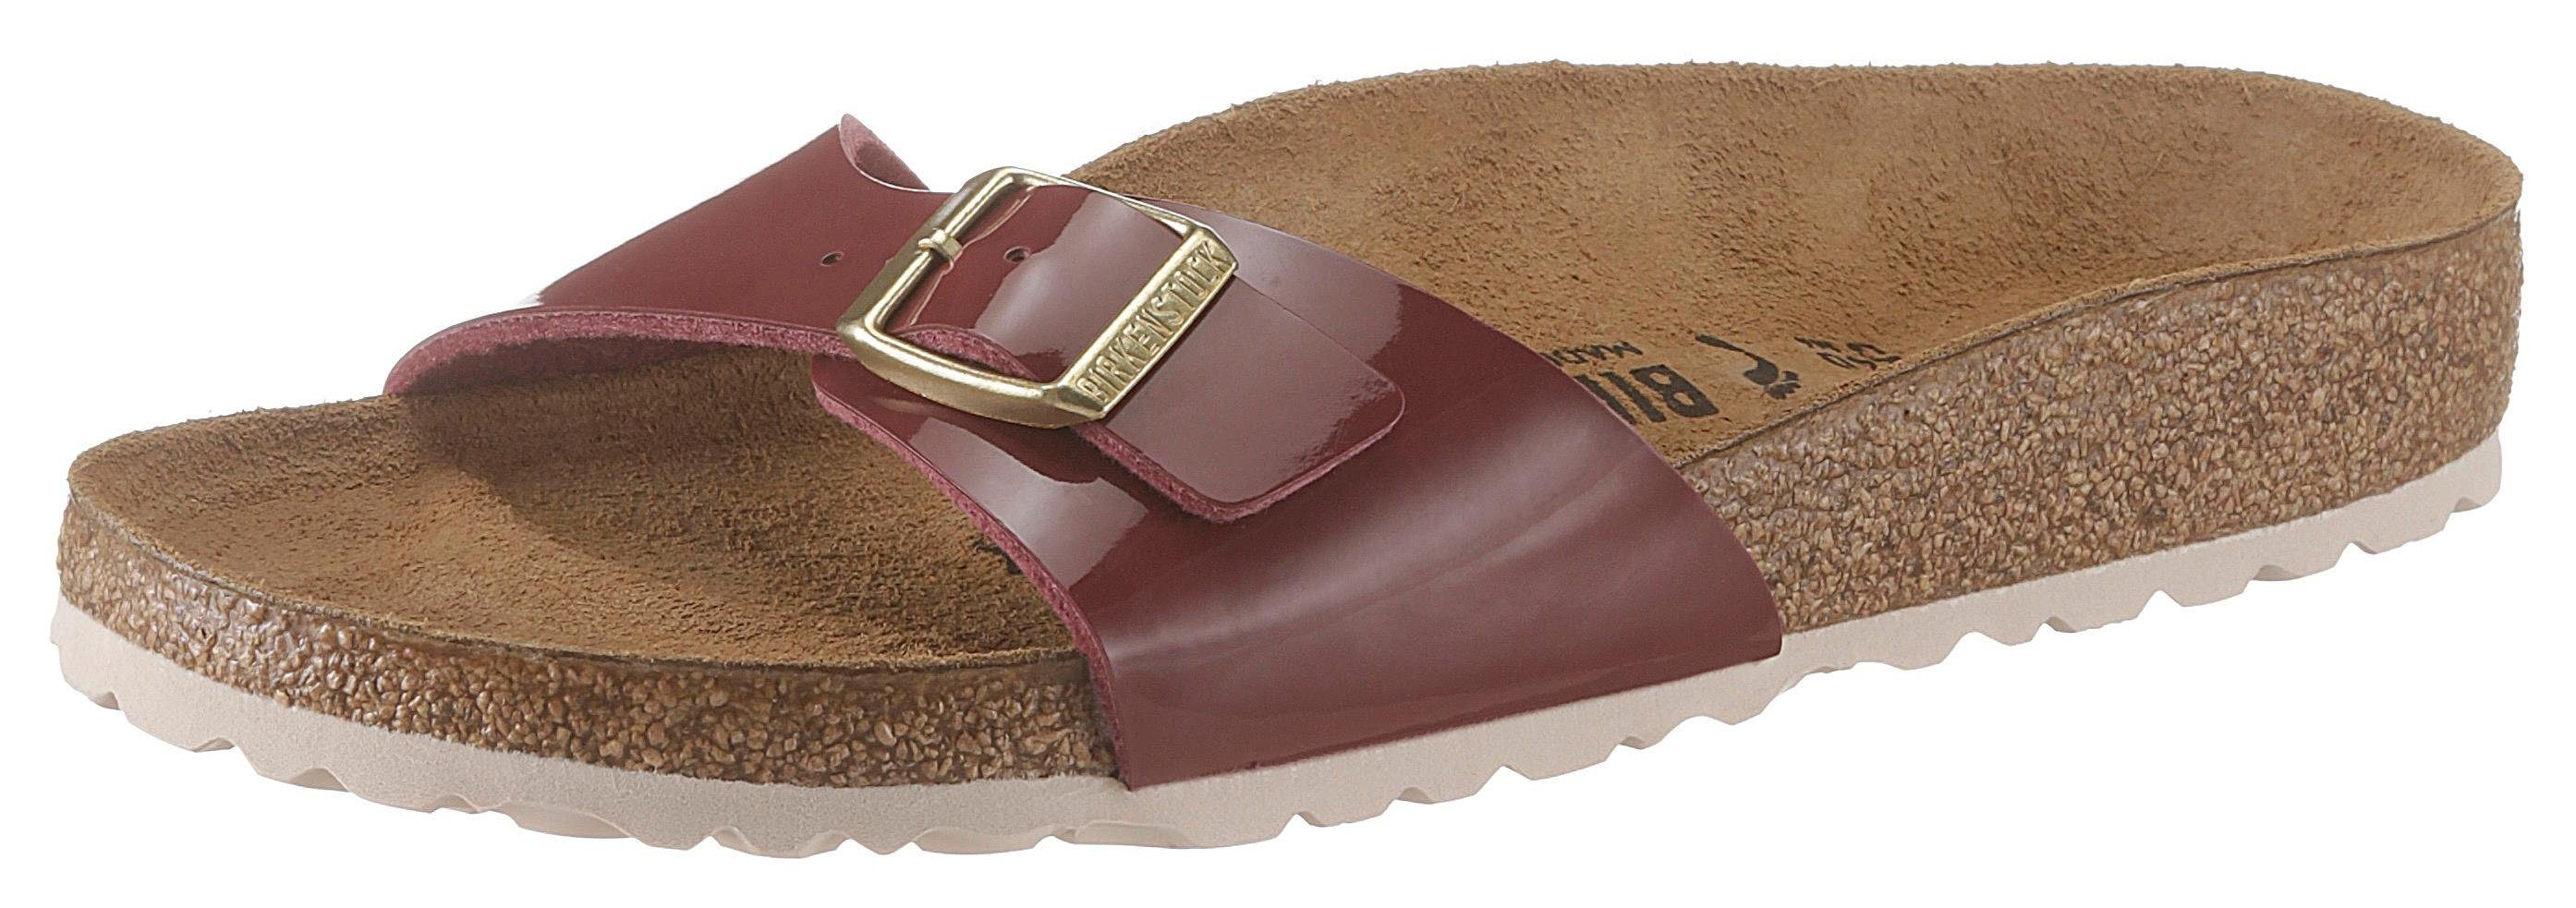 Sandalen Füße Weite HSchuhe Breite Für In m8w0Nn